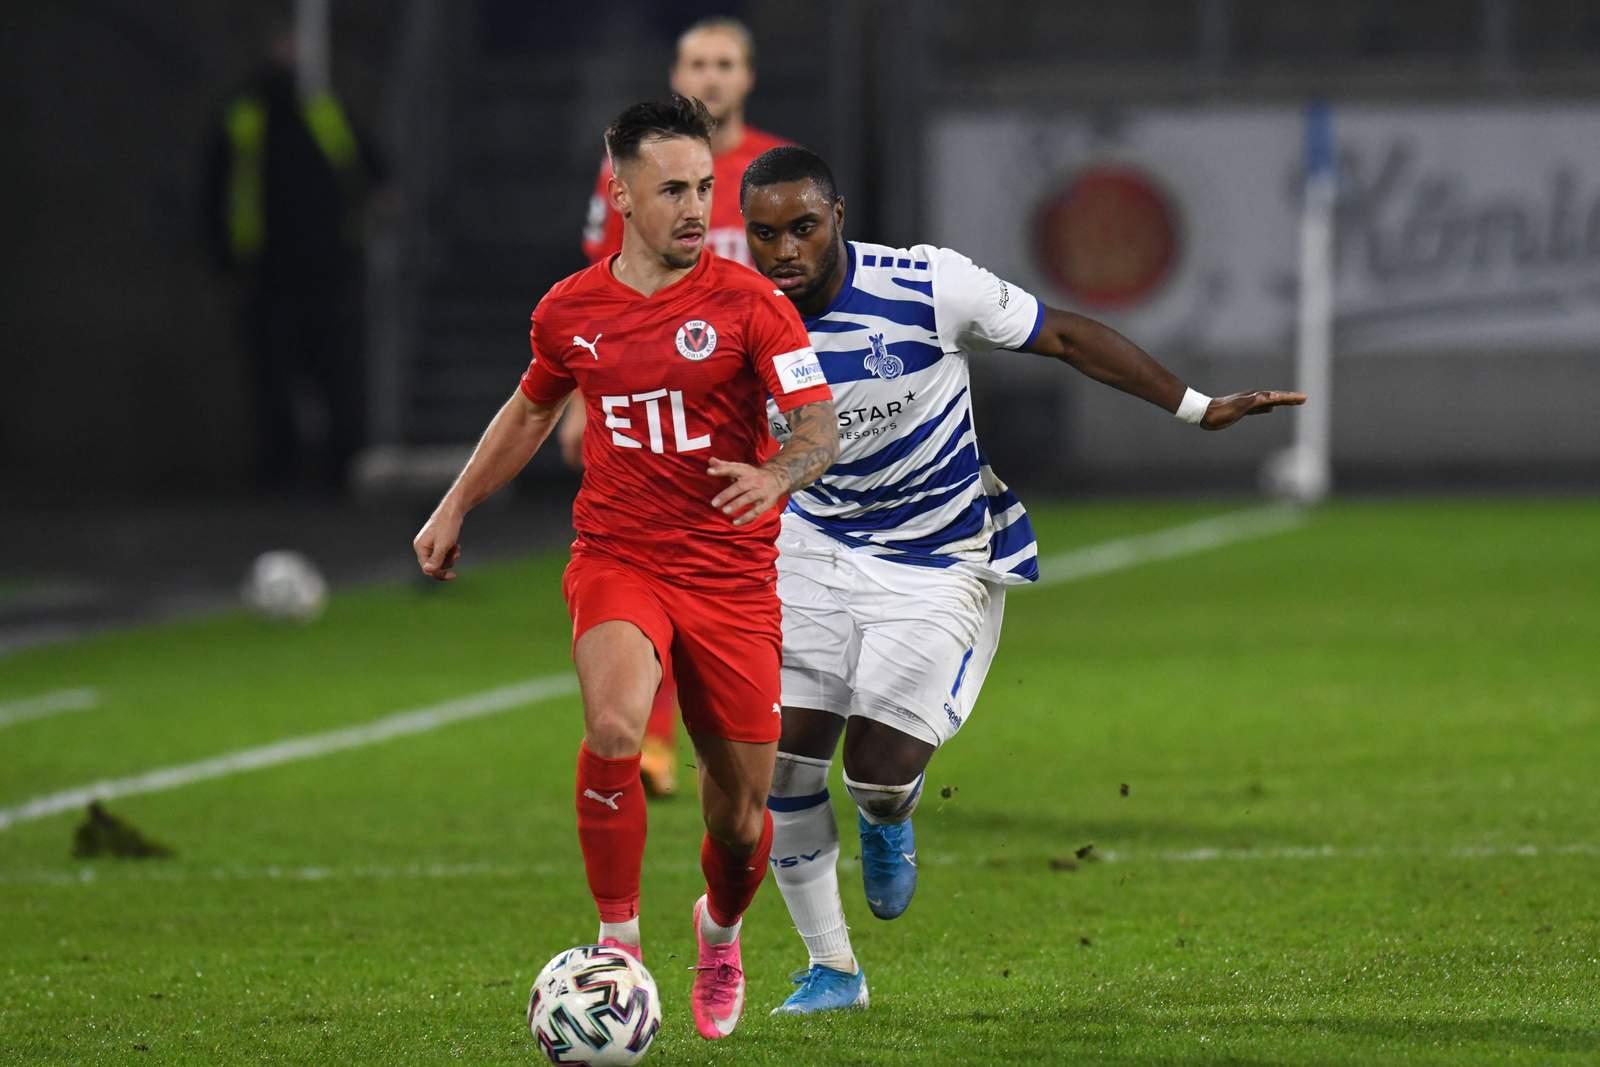 Simon Handle gegen Duisburgs Arnold Budimbu.